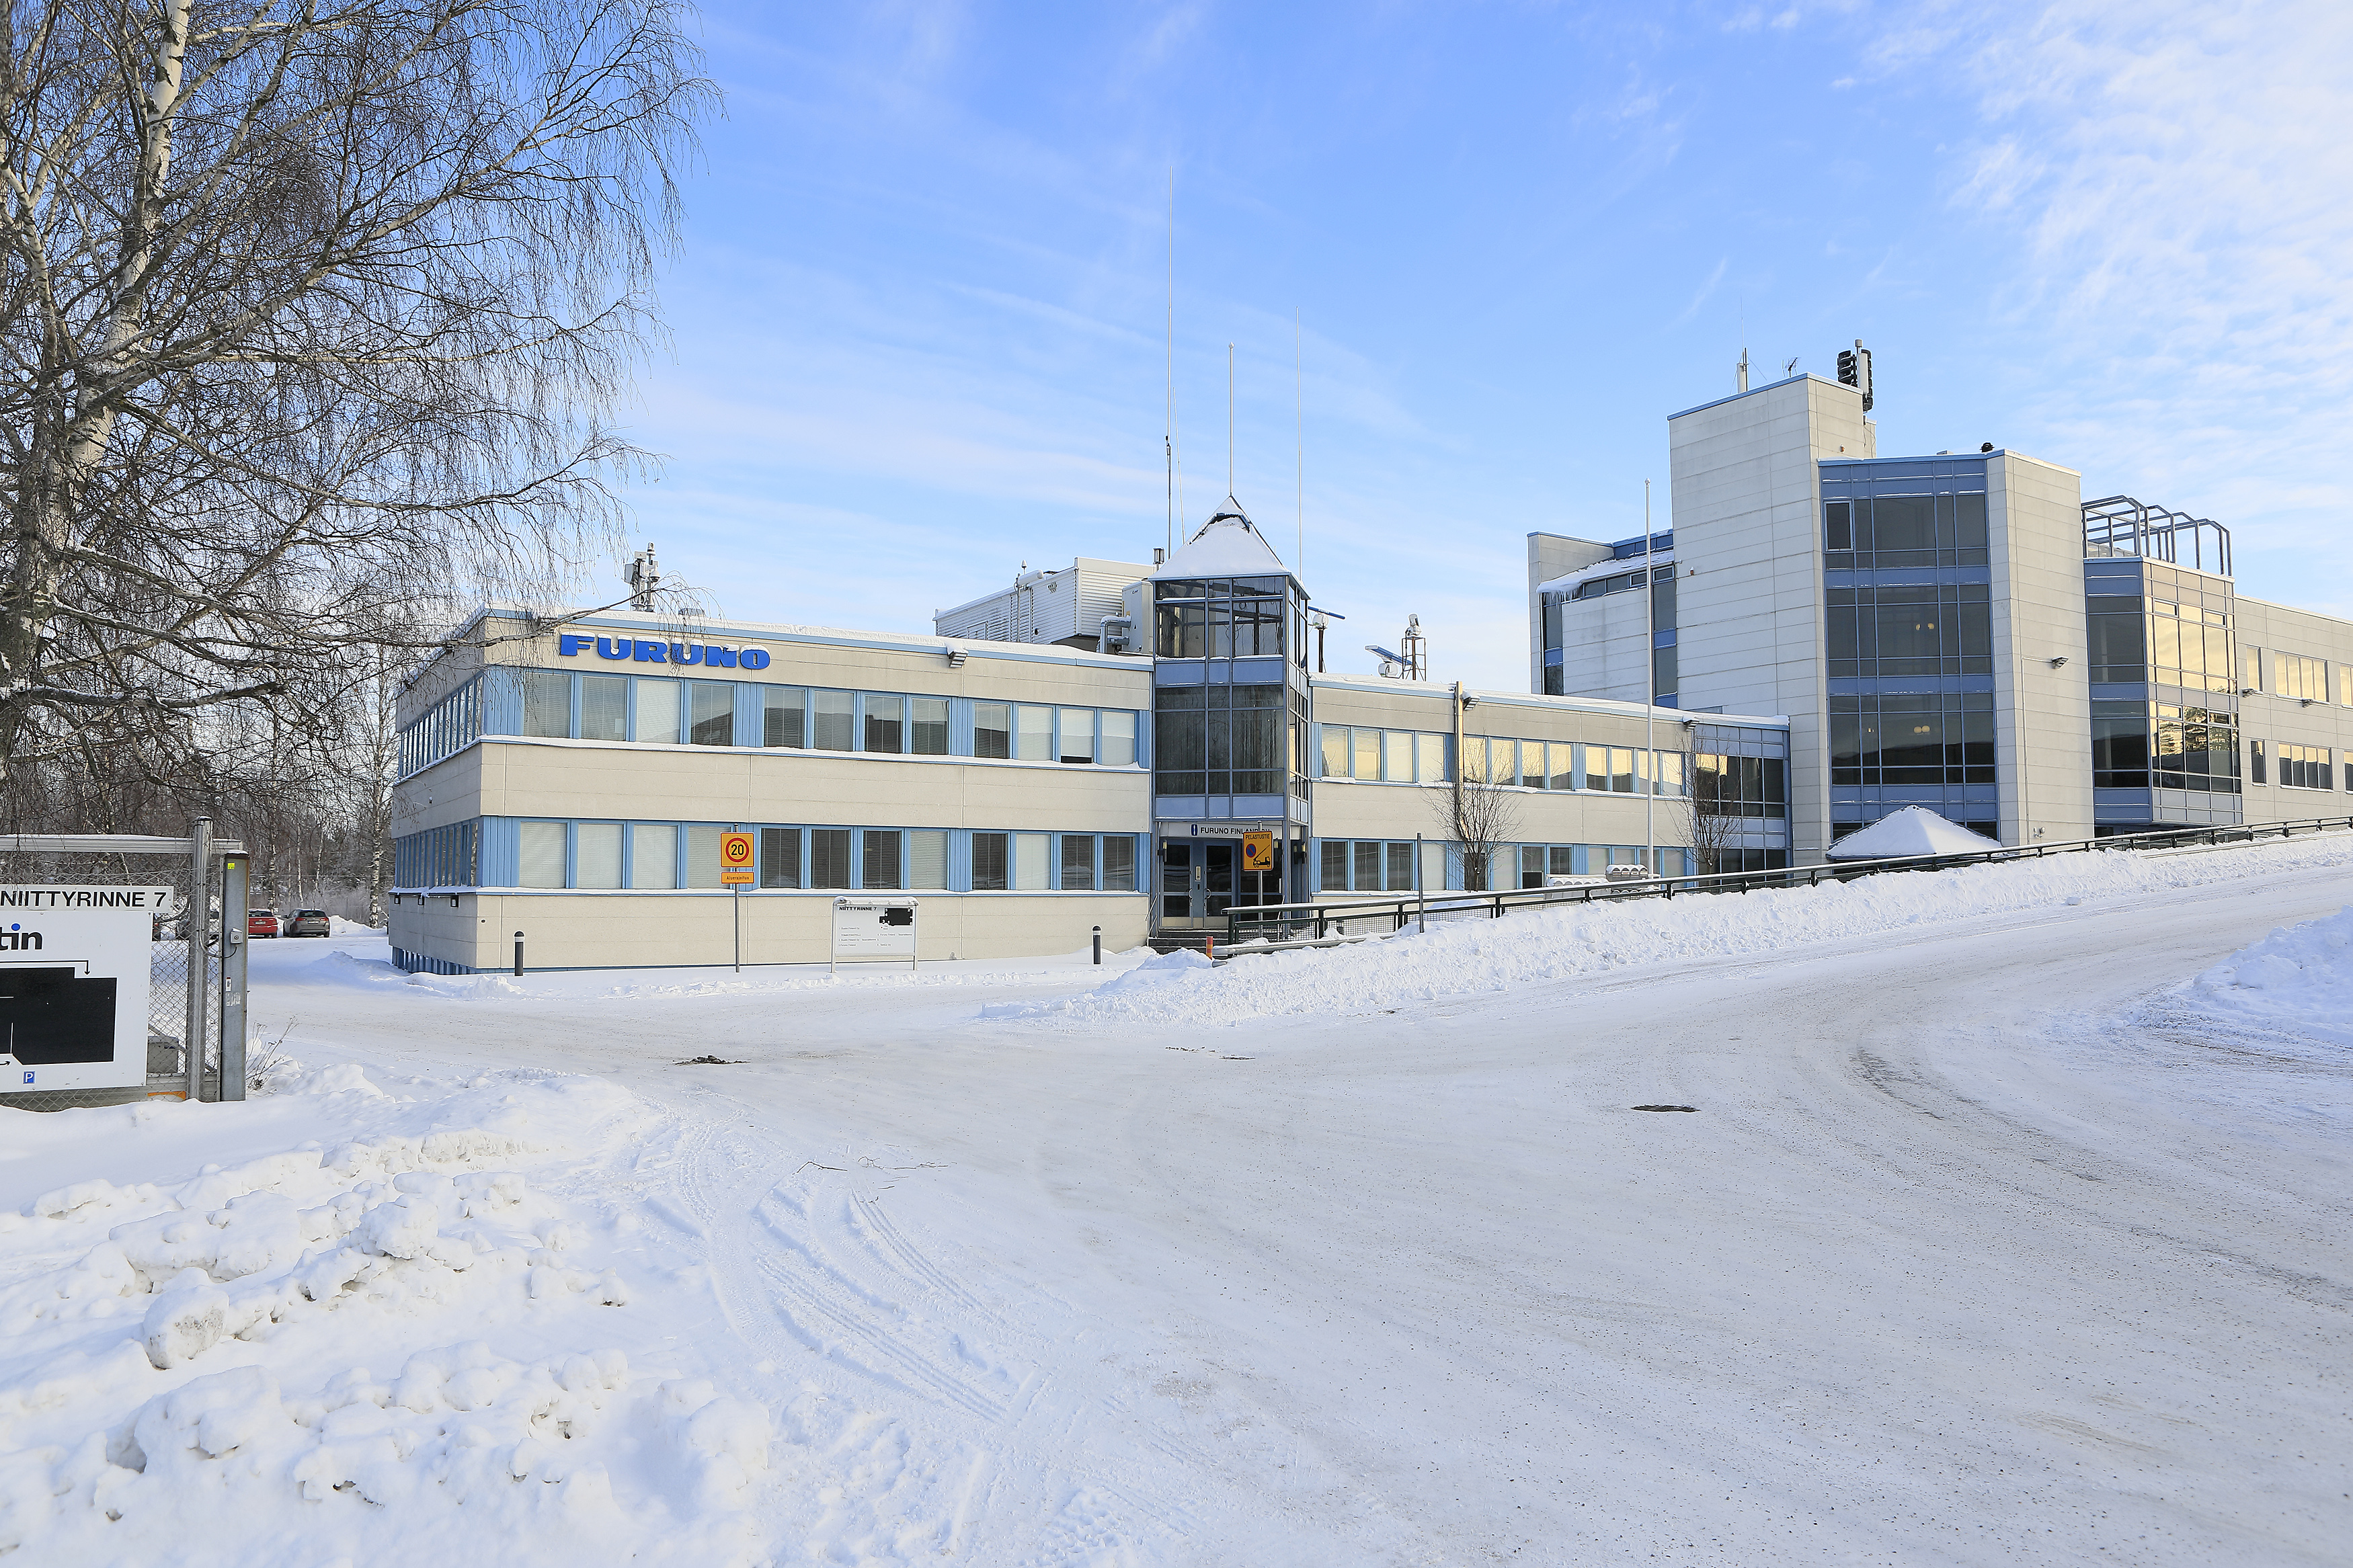 Toimitila, Niittyrinne 7, Suomenoja, Espoo